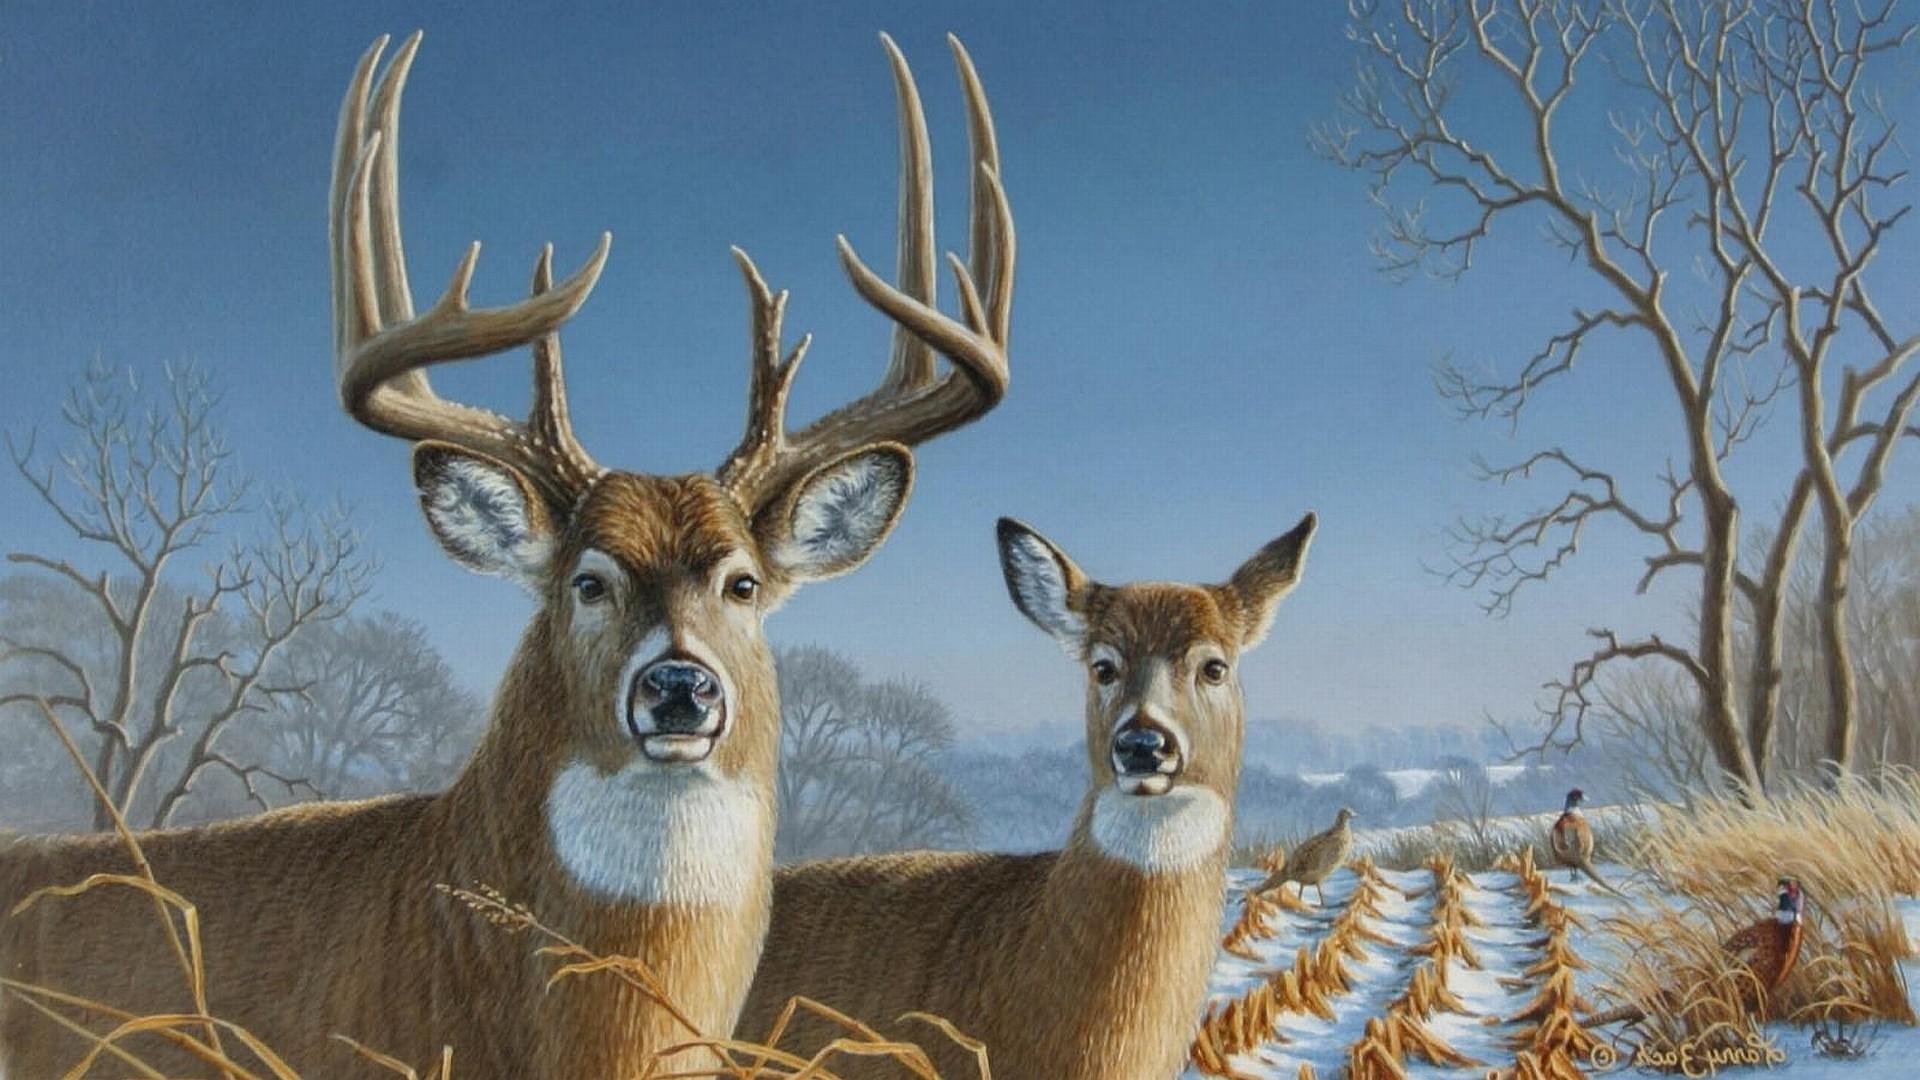 Res: 1920x1080, Deer Wallpaper HD High Resolution